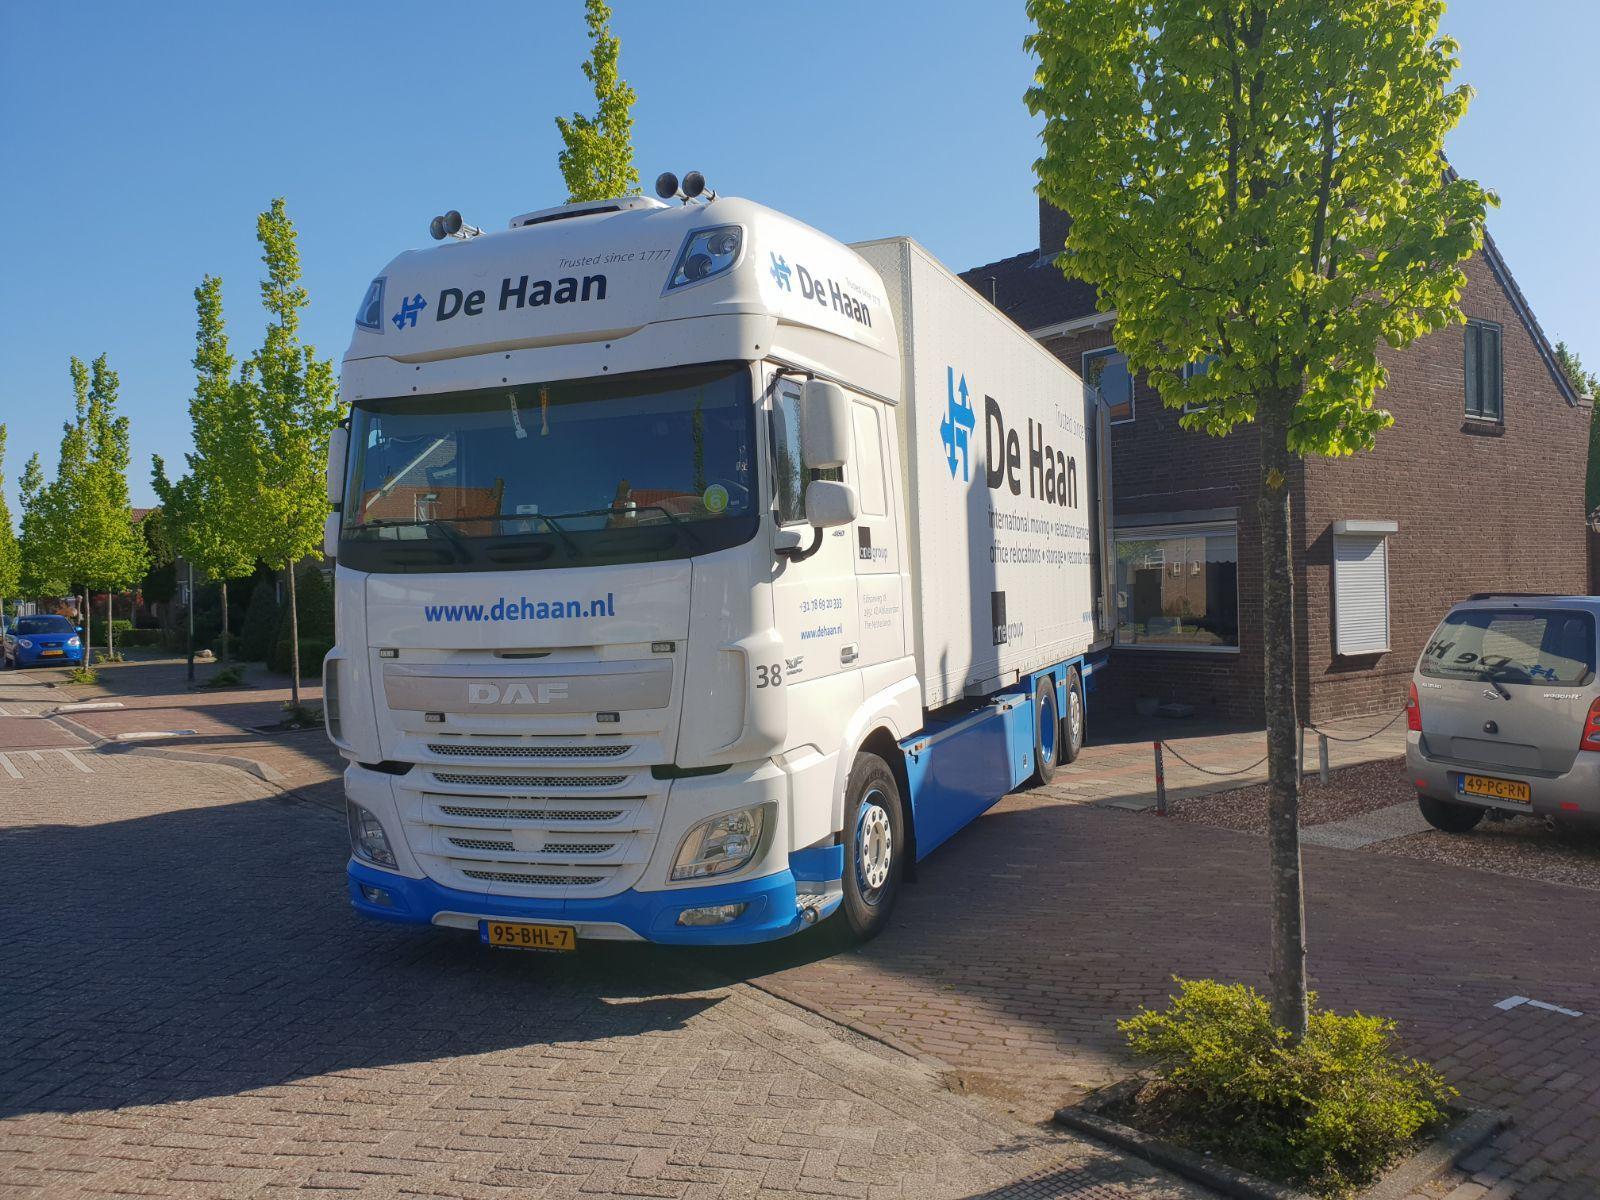 'Complimenten voor verhuisbedrijf De Haan'